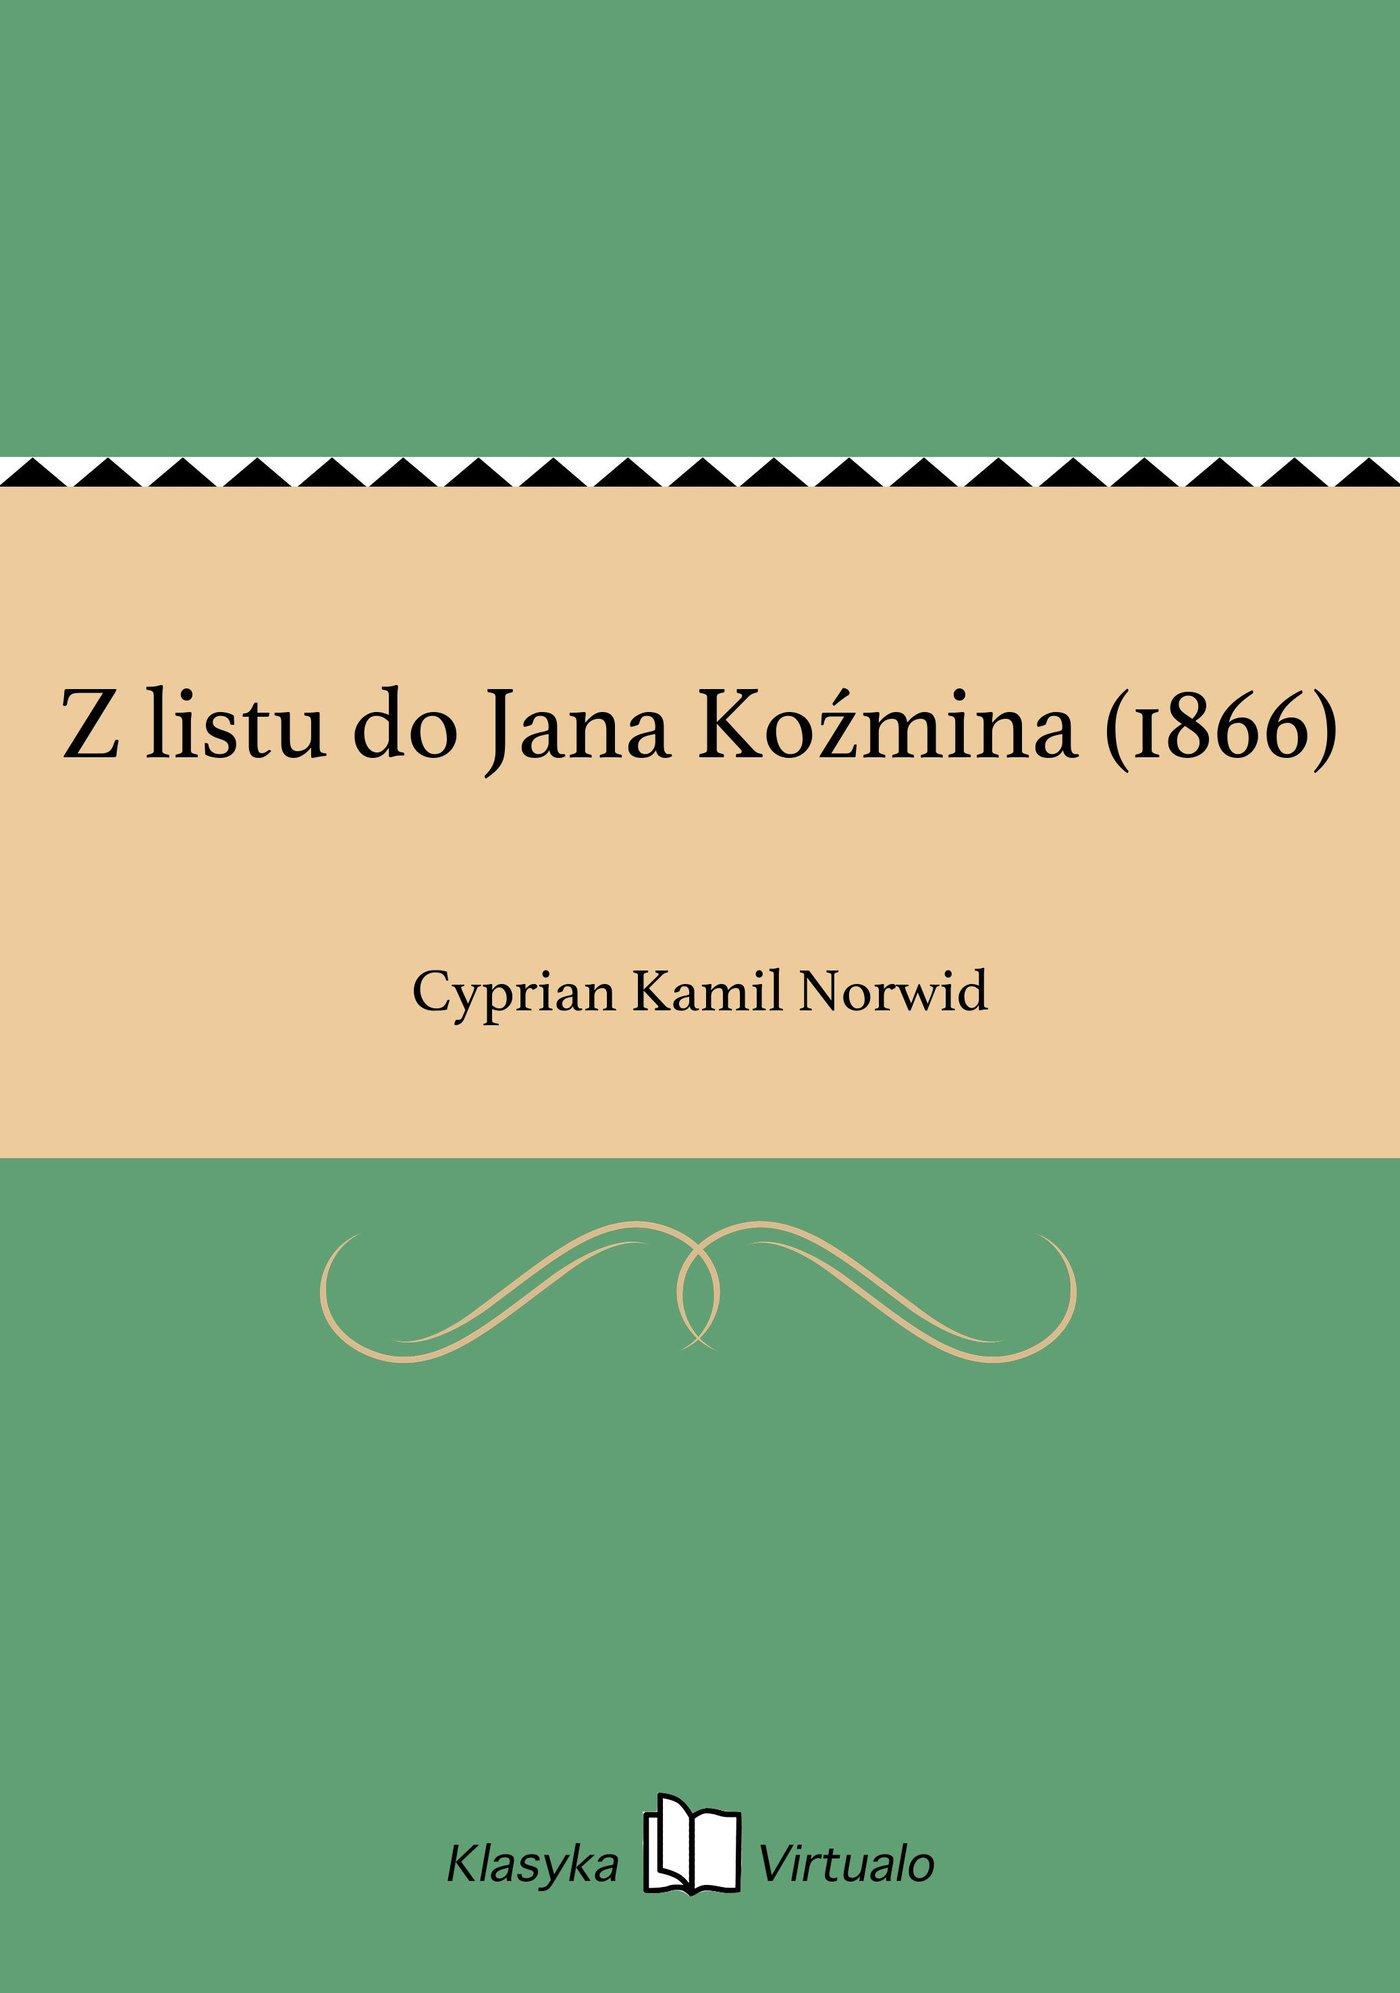 Z listu do Jana Koźmina (1866) - Ebook (Książka na Kindle) do pobrania w formacie MOBI